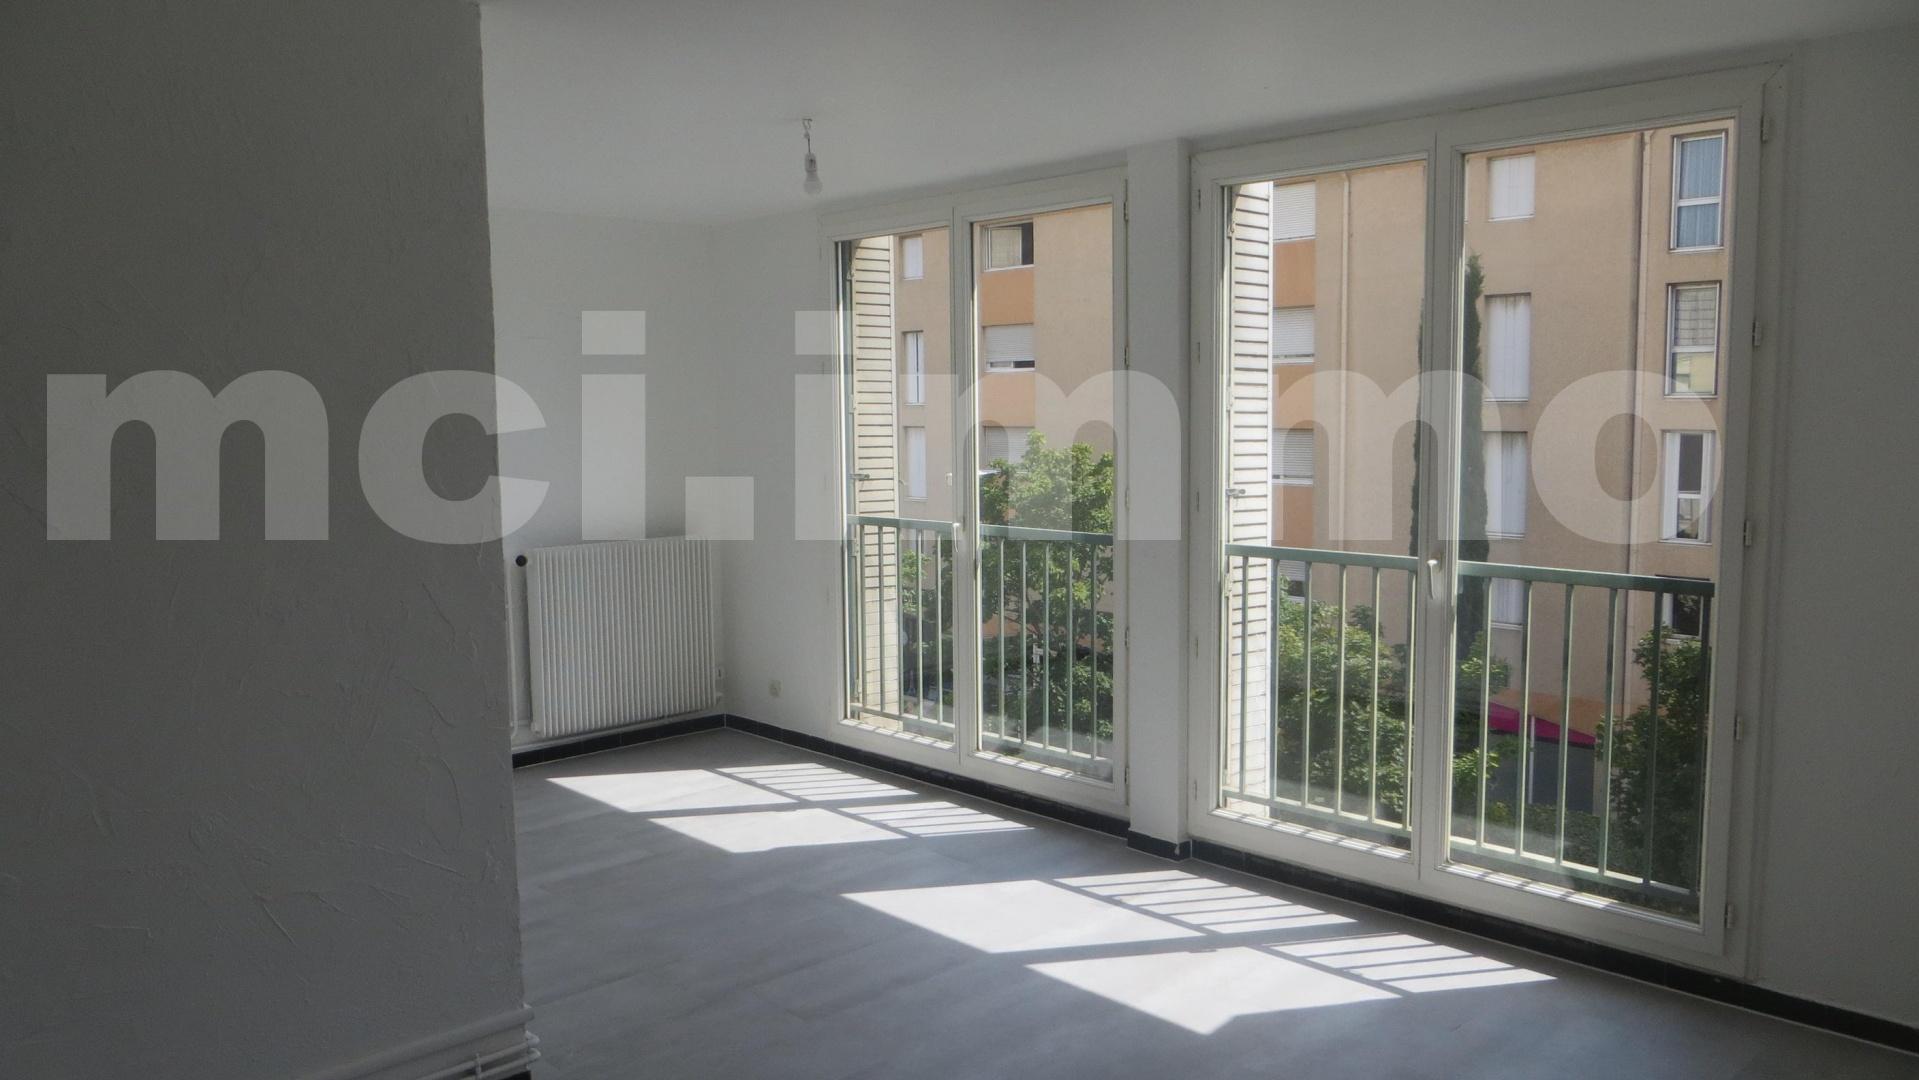 location appartement aubagne 13400 sur le partenaire. Black Bedroom Furniture Sets. Home Design Ideas